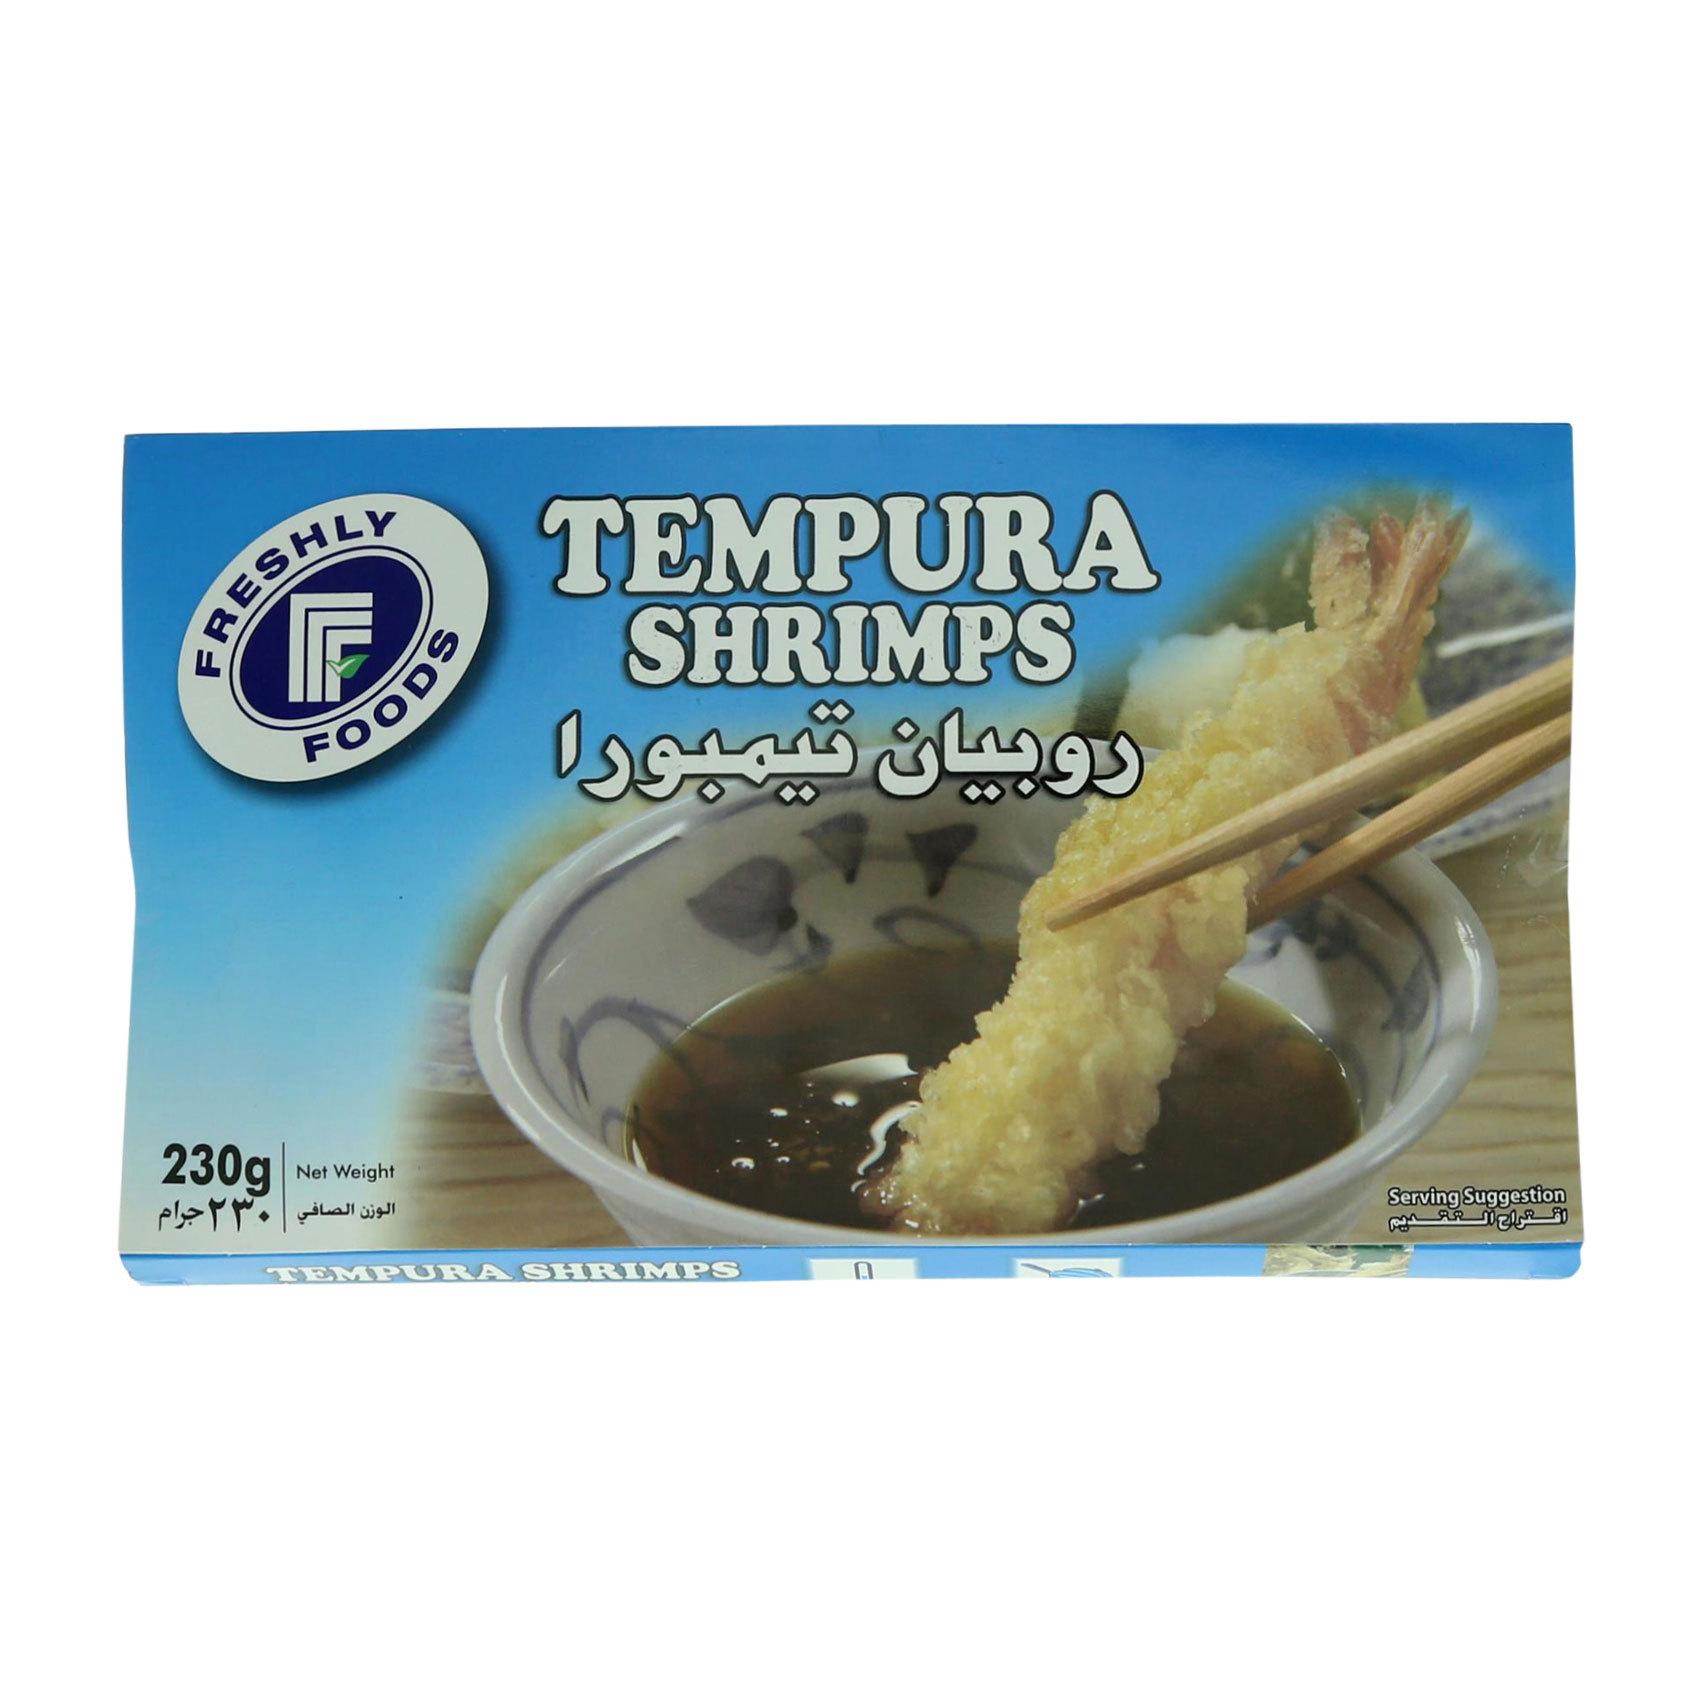 FFF TEMPURA SHRIMPS 230G